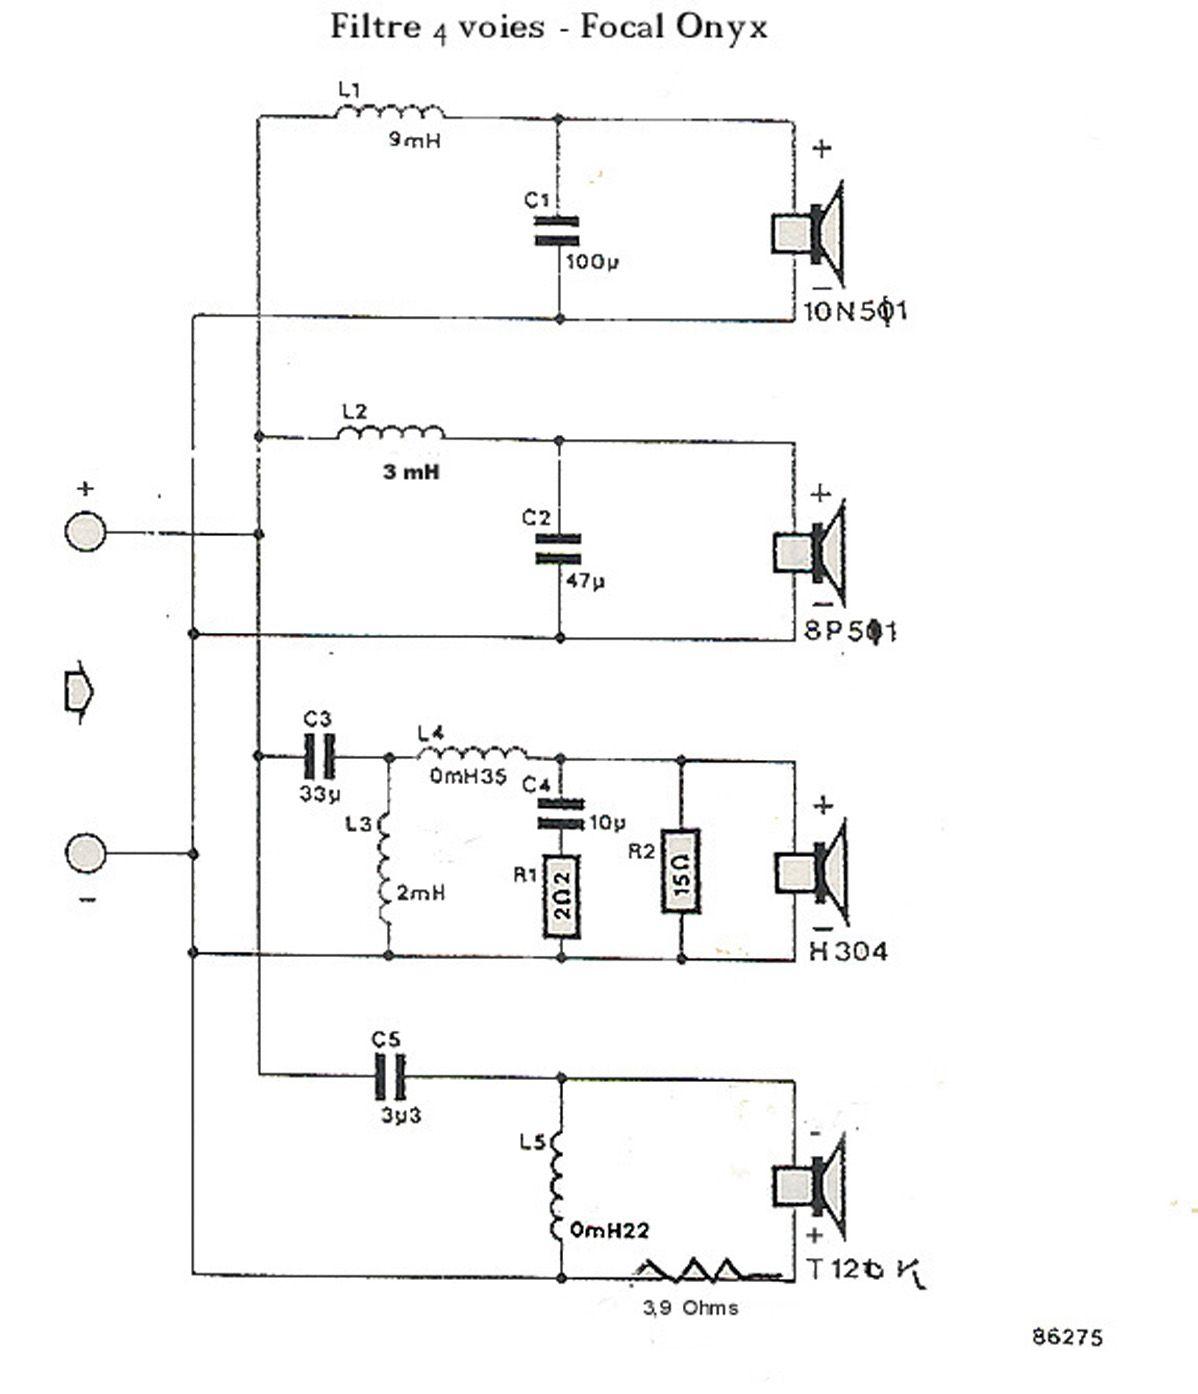 Modif Filtre Hp Audio Pour Bi Cablage Forums De Abcelectronique Filtre Amplificateur Audio Bricolage Electronique